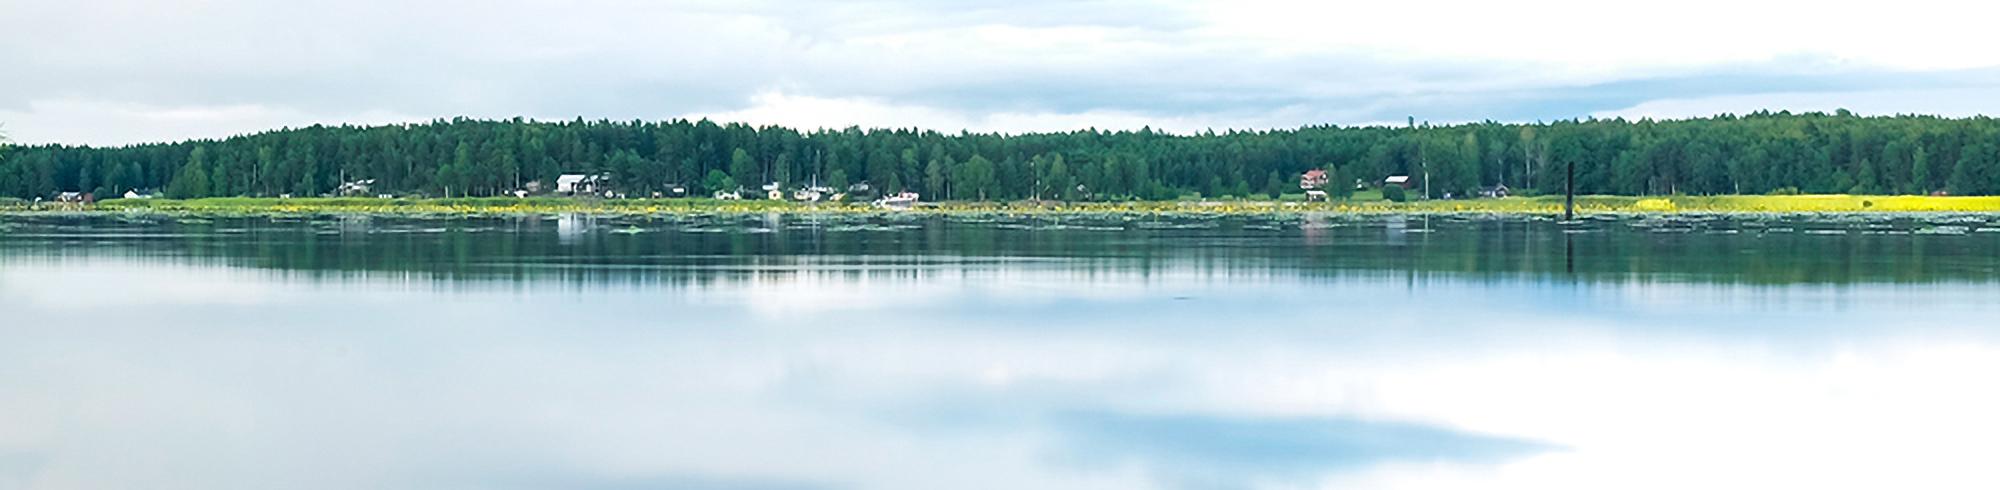 Två första ingenjörer anställda i Värmland